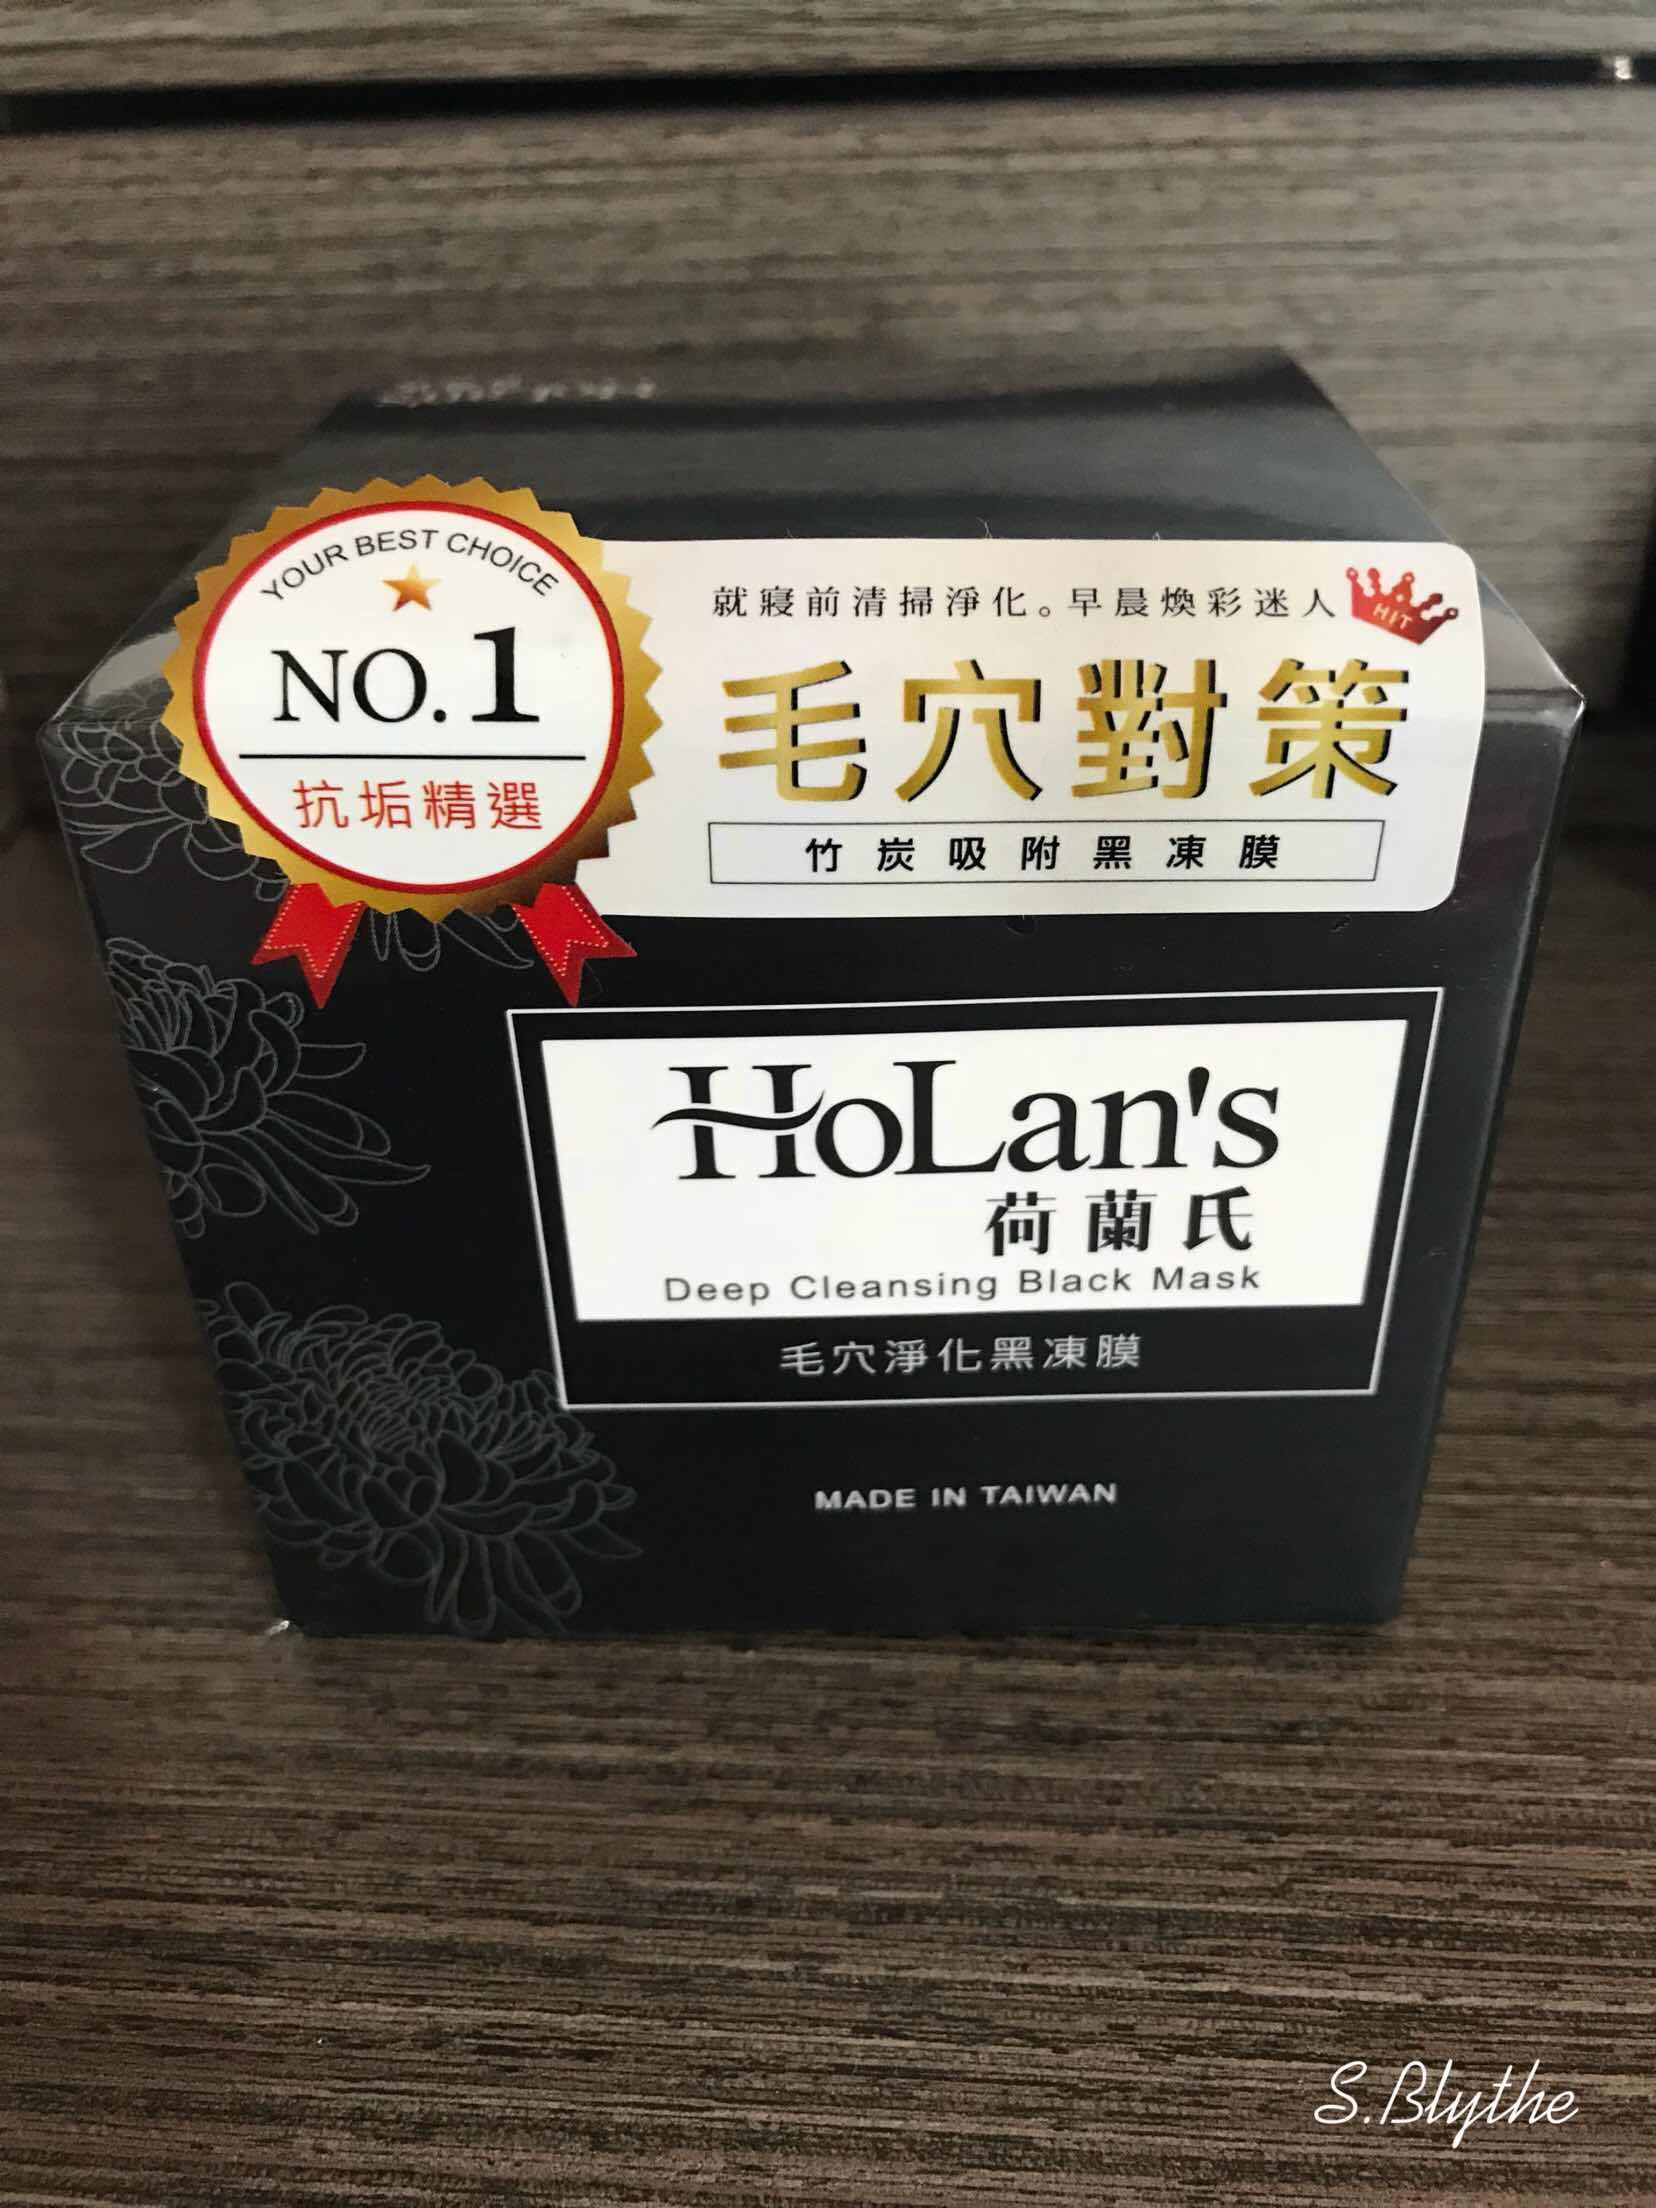 以黑養白, HoLan's 荷蘭氏毛穴淨化竹炭黑面膜